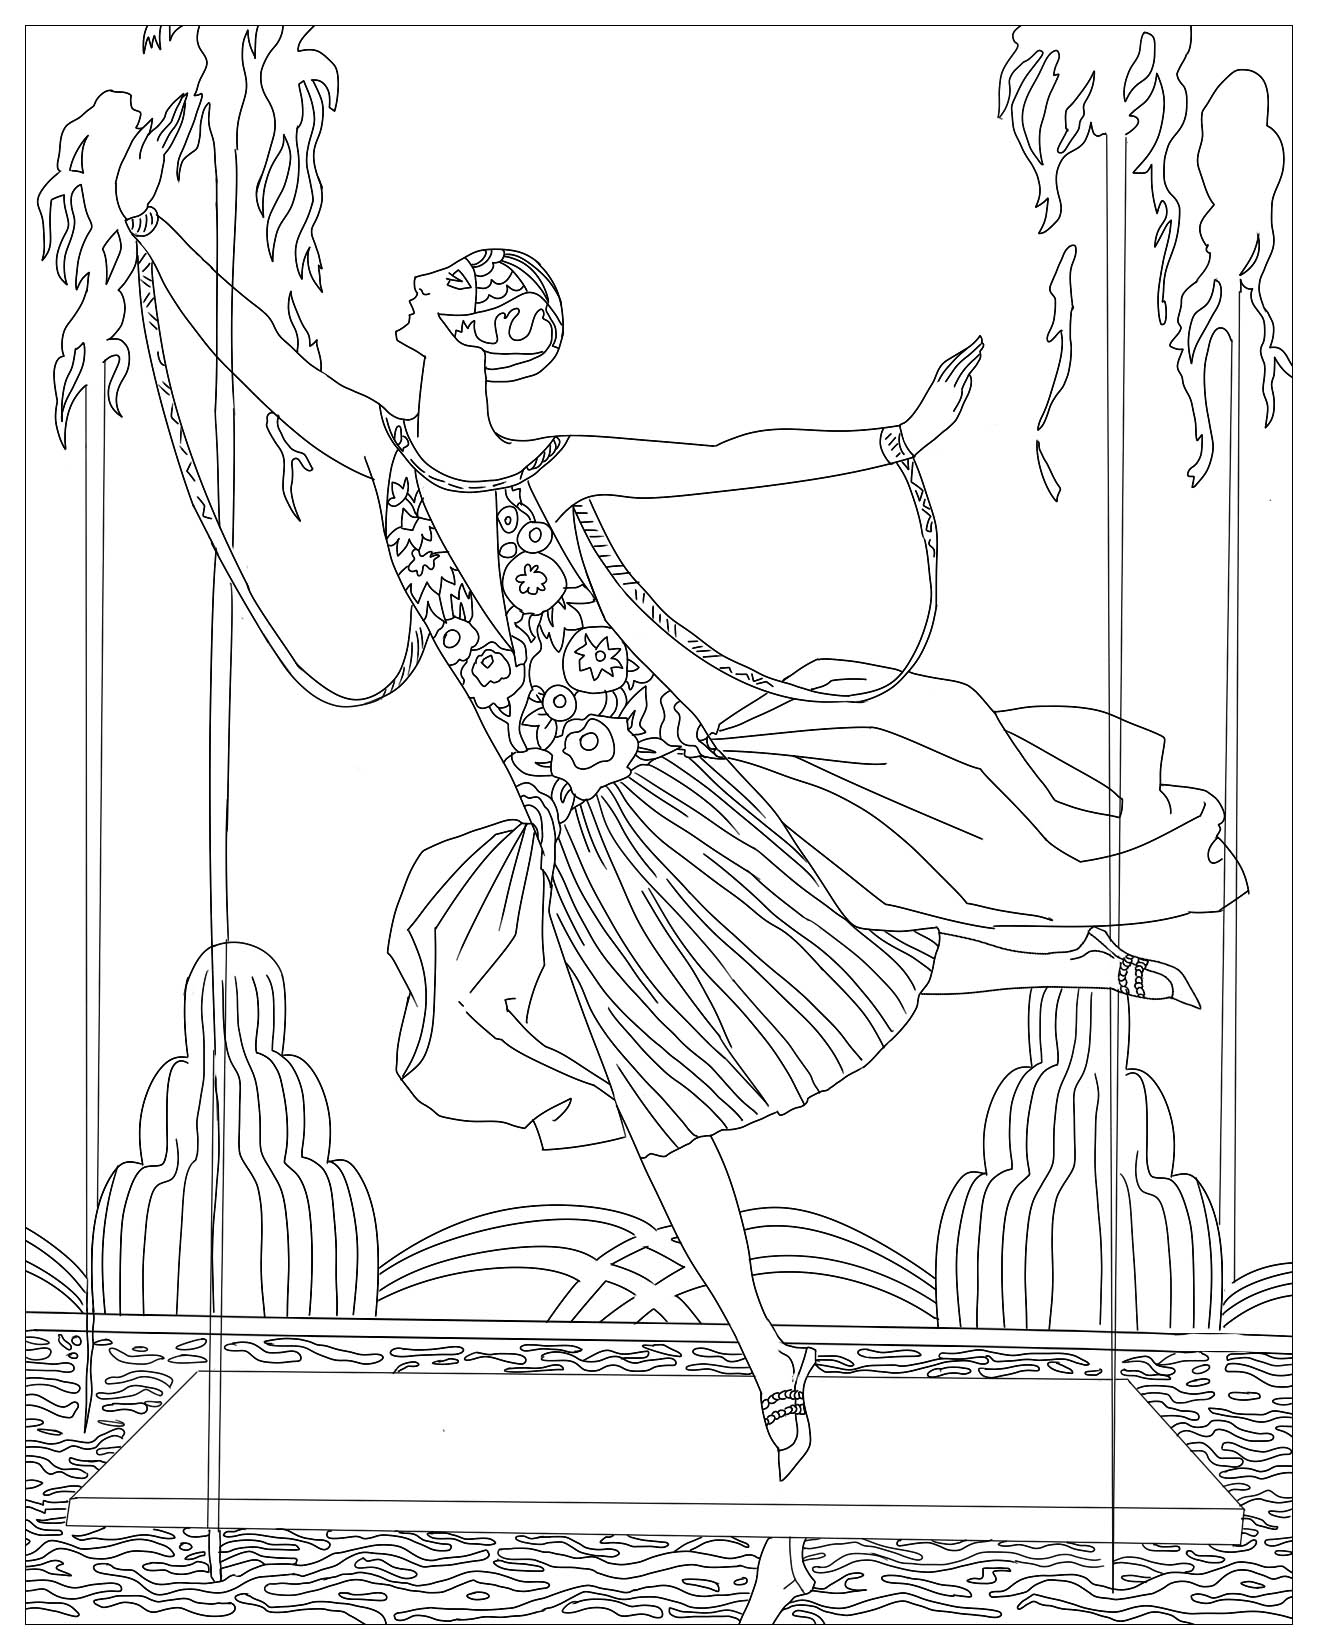 Coloriage créé à partir d'une illustration Art Déco de George Barbier : Danseuse aux jets d'eau